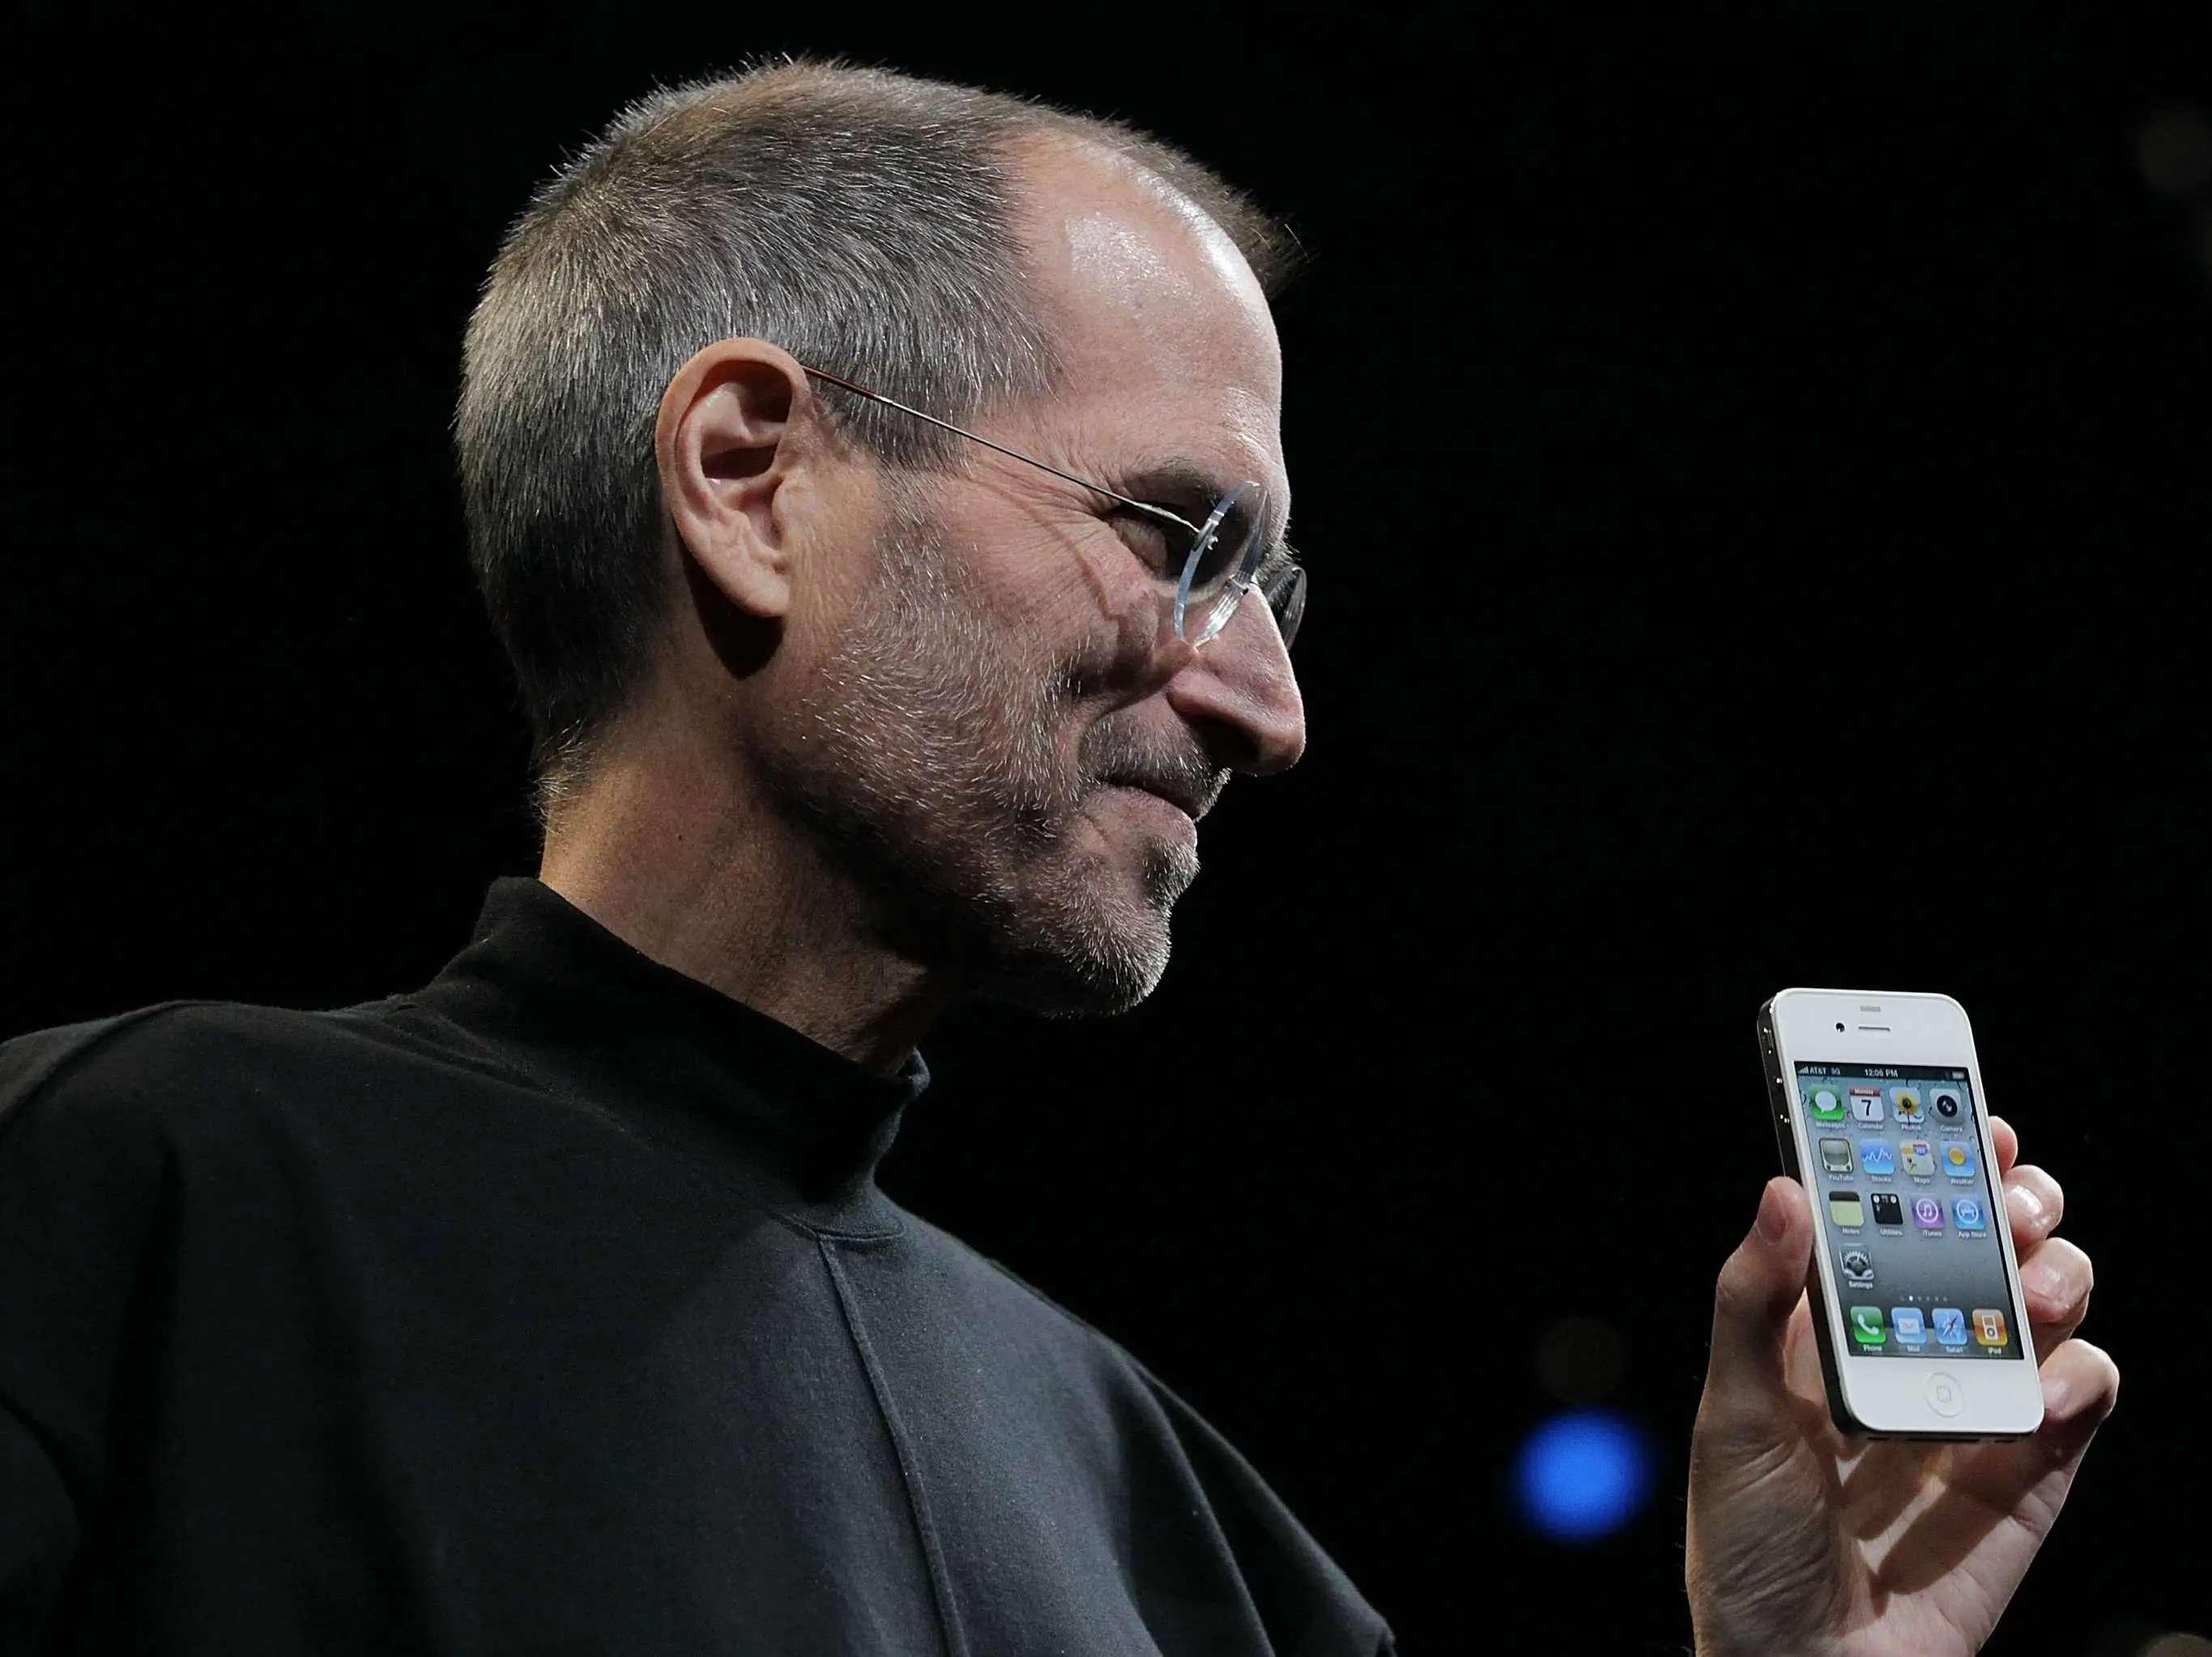 Steve Jobs despised people copying his ideas.